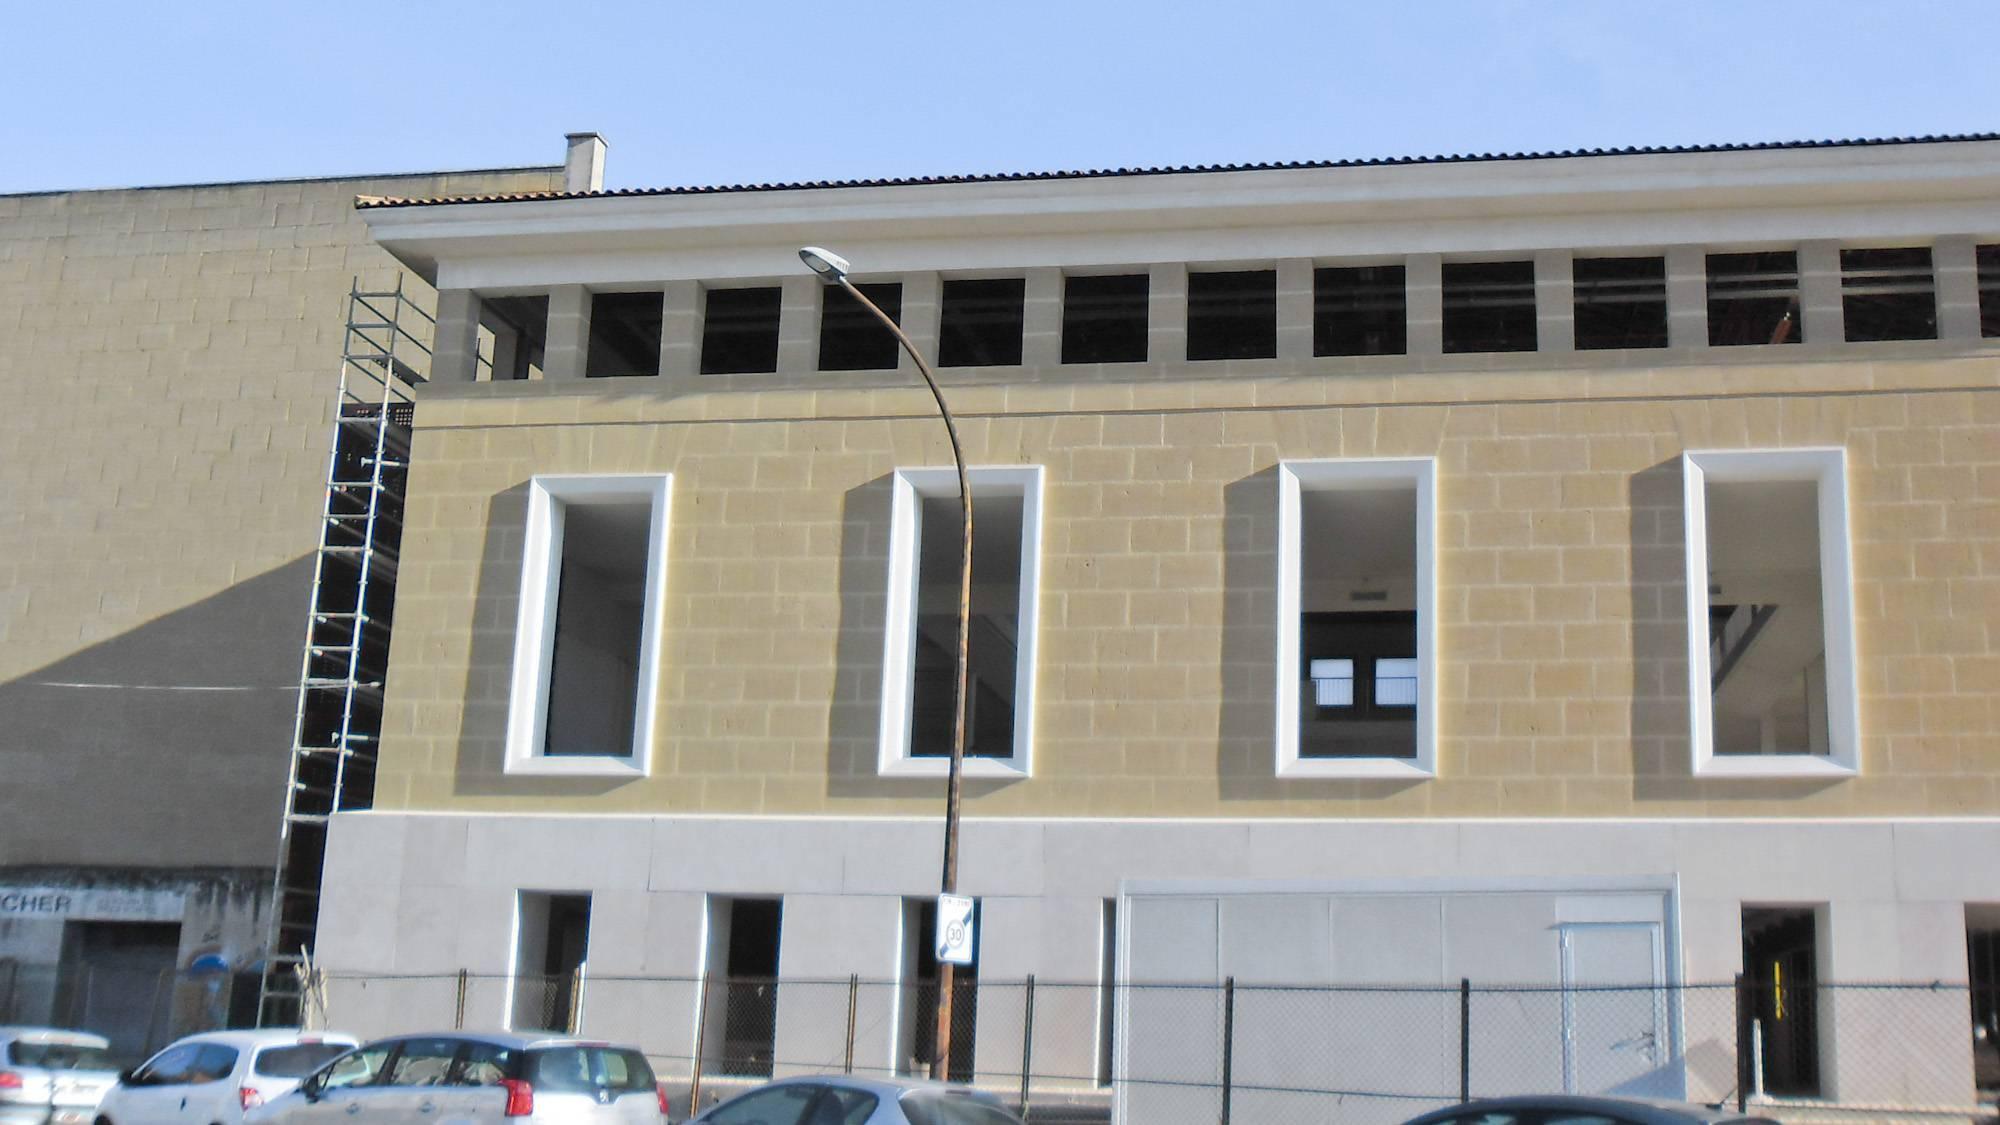 Pose Du0027isolation Thermique Par Lu0027extérieur Avec Finition Enduit Décoratif à  La Chaux Toulon 83000   Ravalement De Façade Historique